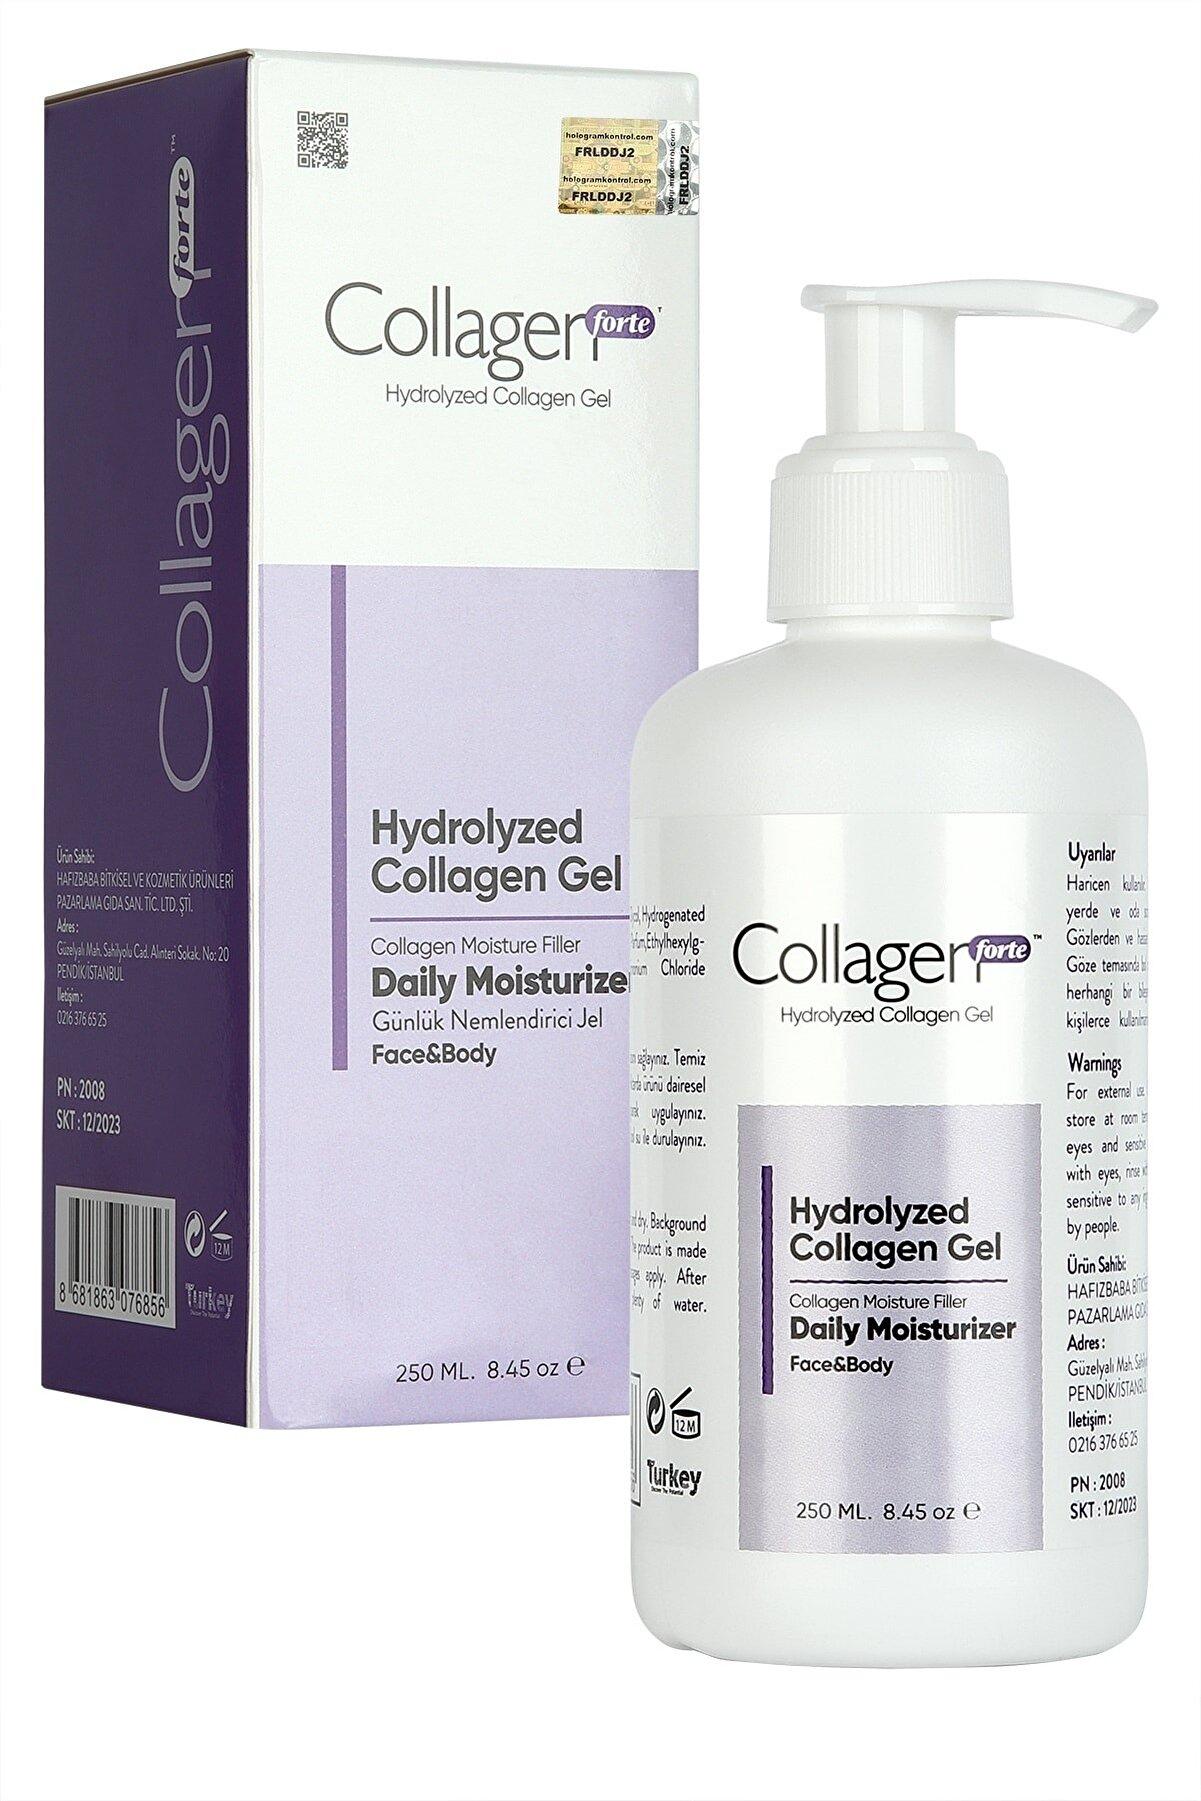 Collagen Forte Hydrolyzed Vücut Ve Yüz Bakım Jeli Collagen Gel 250 ml